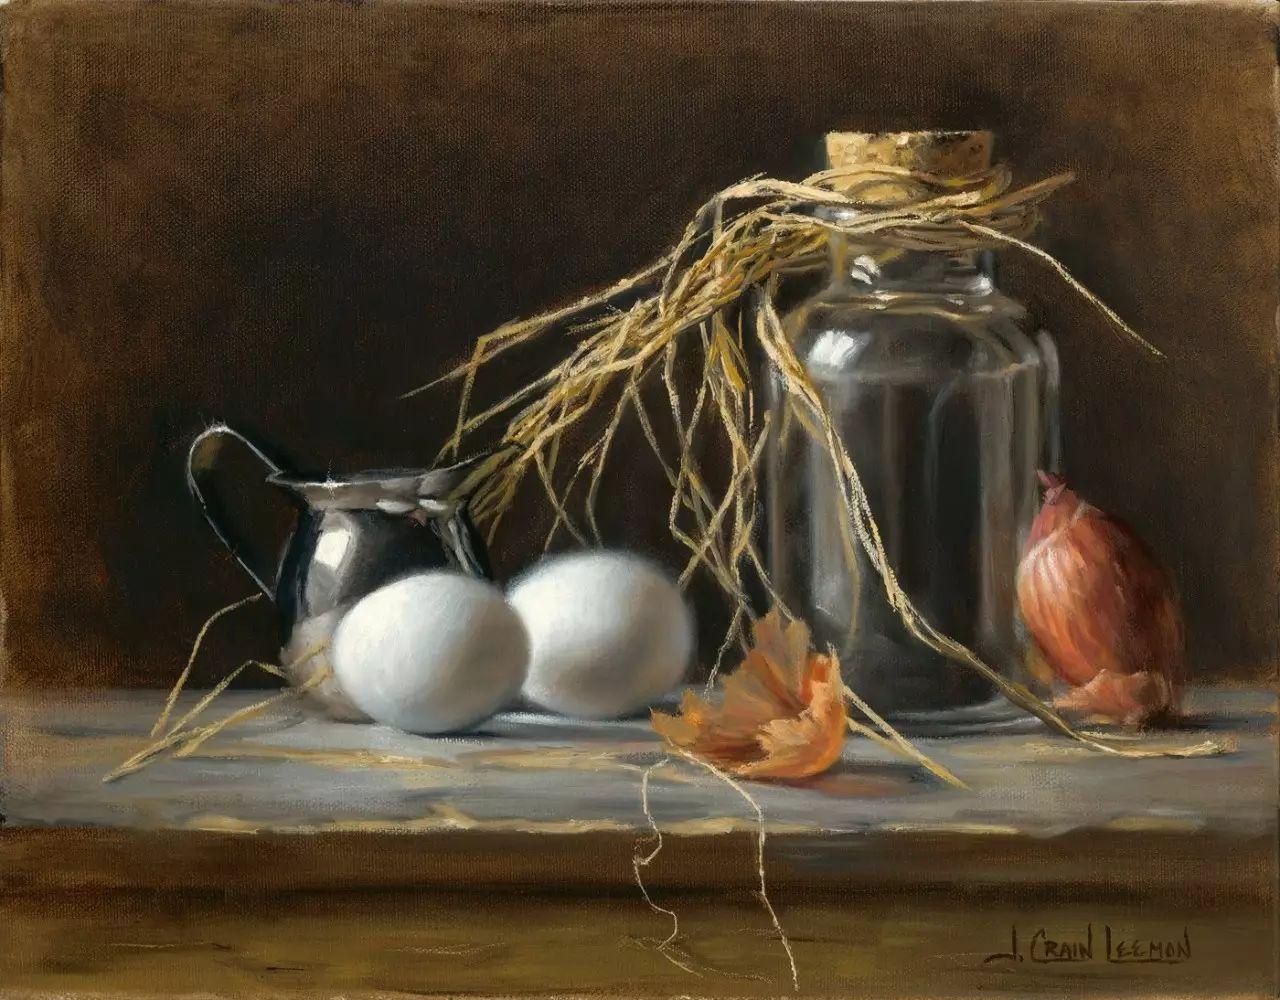 美国女画家Jeanne Leemon静物画欣赏插图11